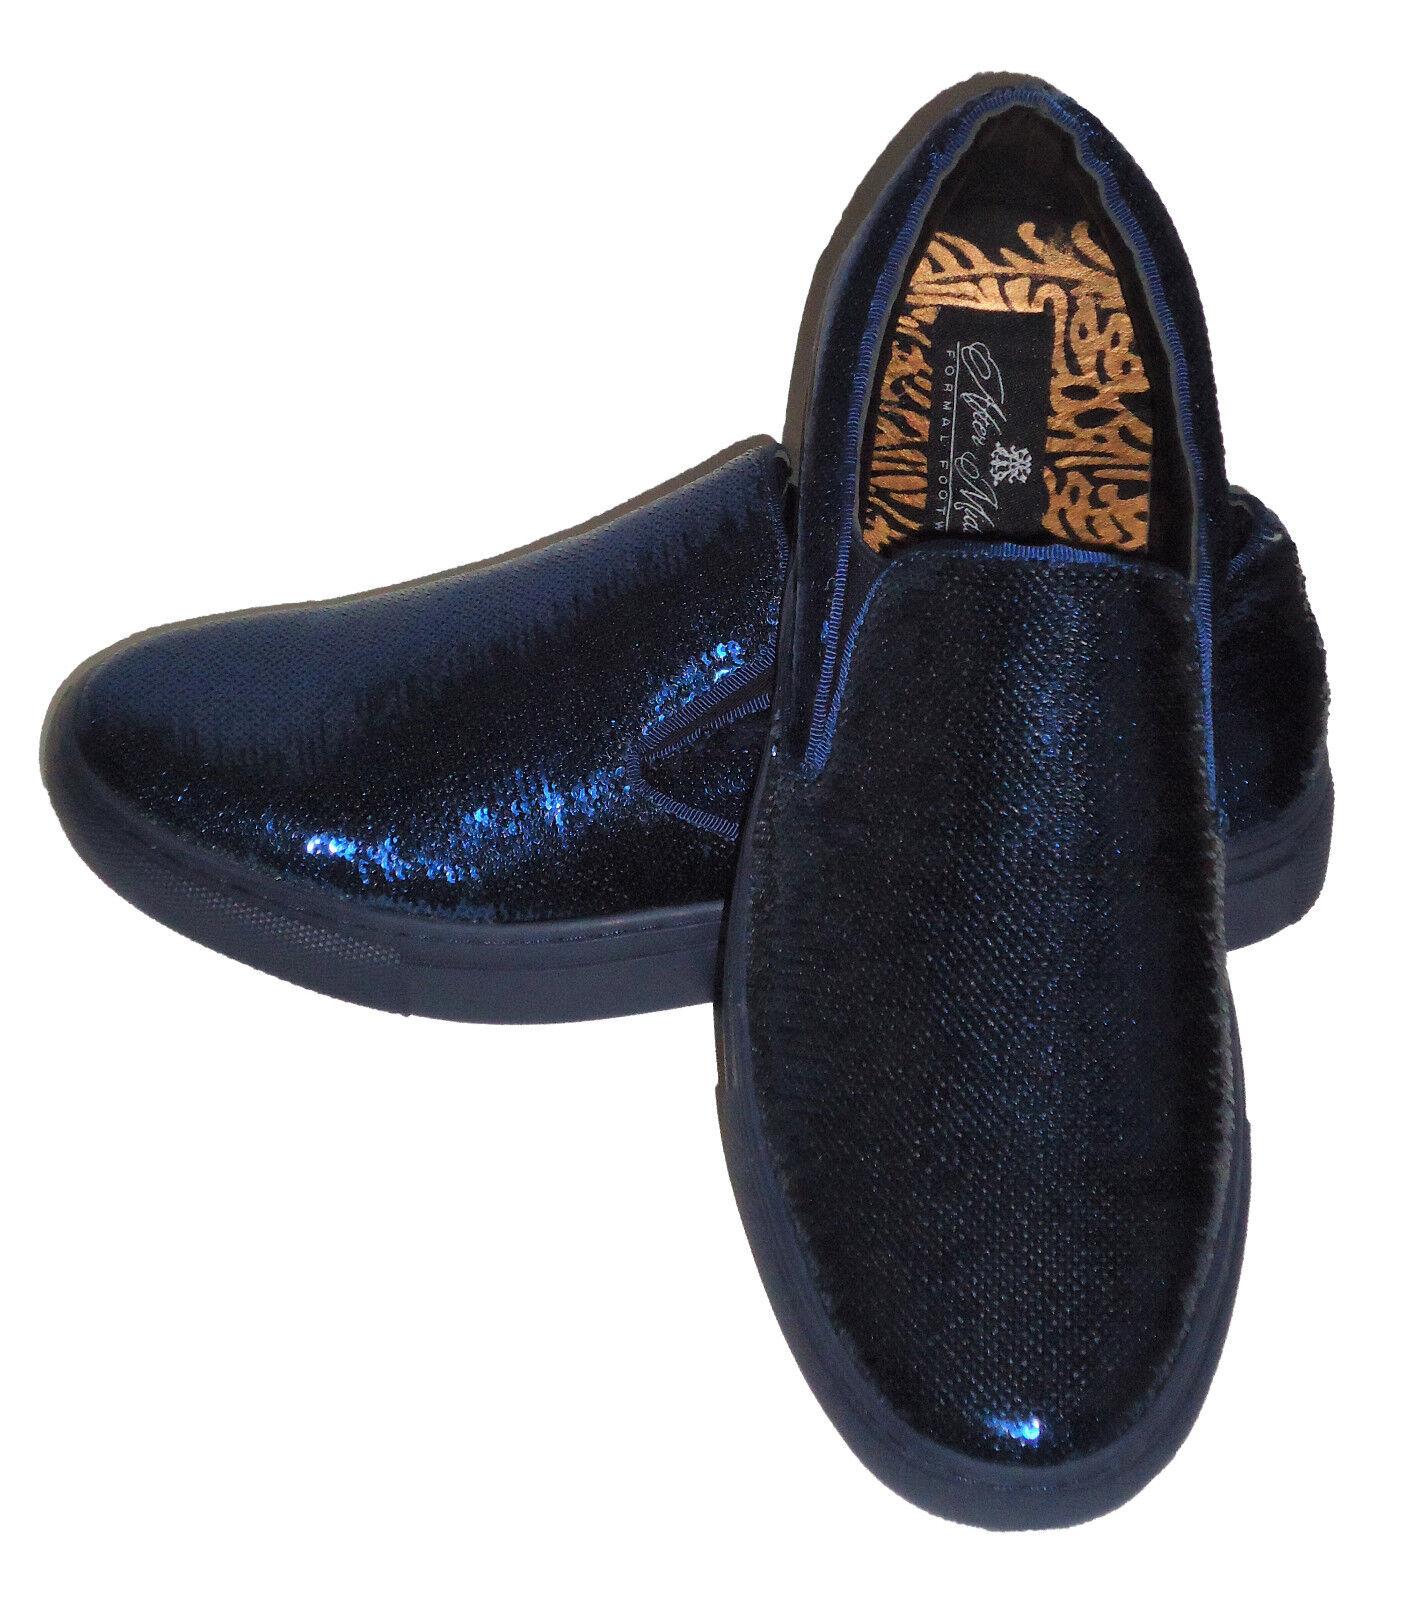 AM 6758 Uomo Fancy Dressy Slip On Rubber Sole scarpe da ginnastica Sparkling blu Sequins